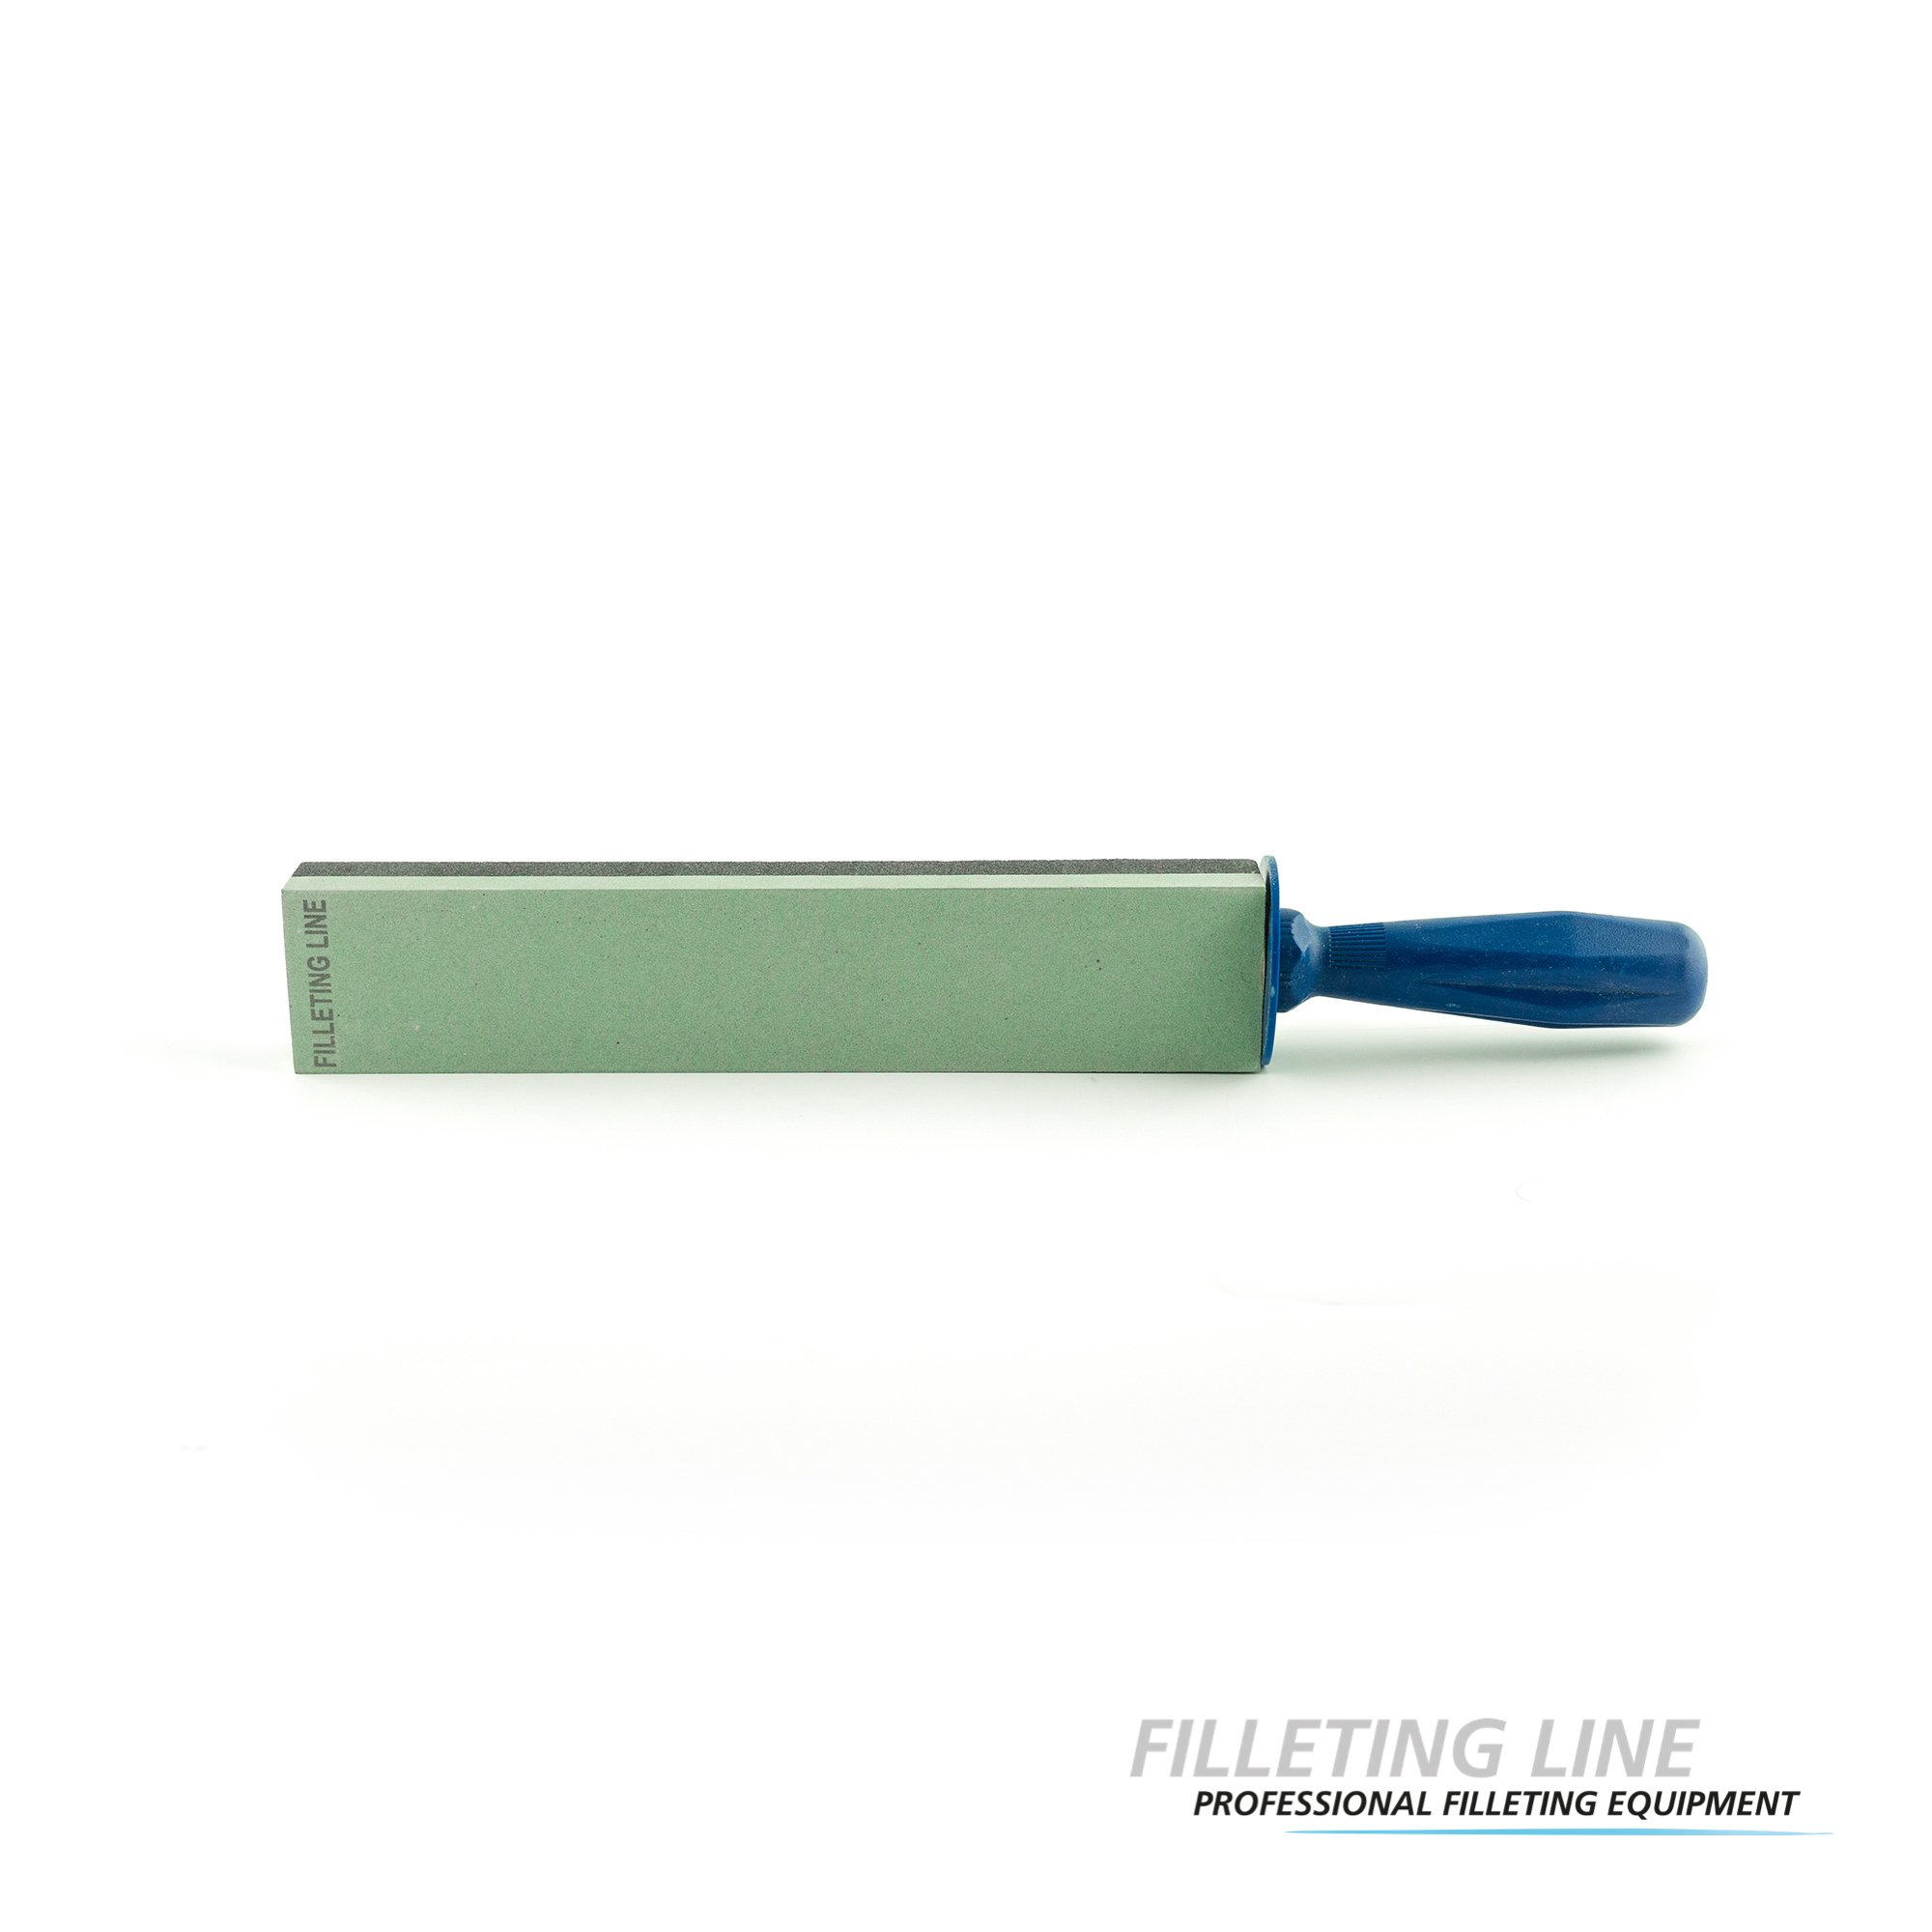 FILLETING LINE_2000x2000_RECHT_logo-20